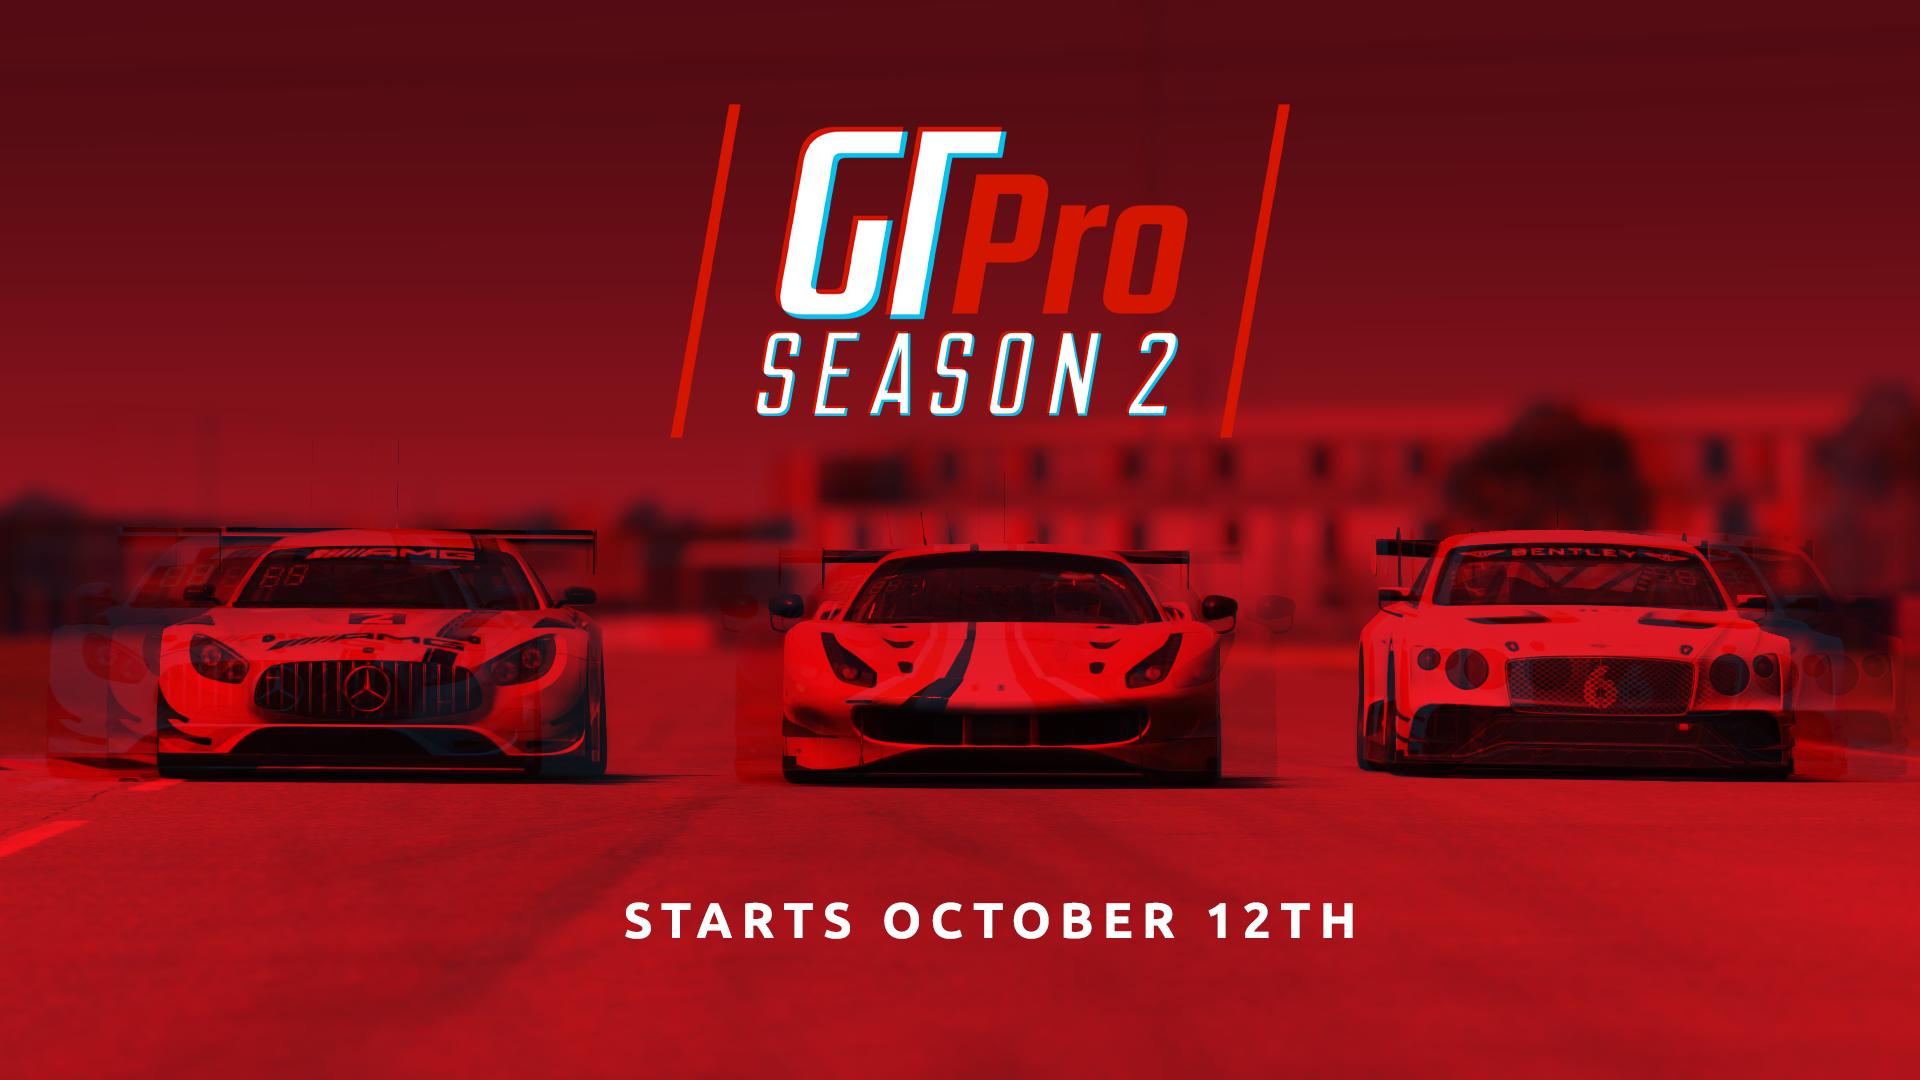 rFactor_2_GT_Pro_Season2_WP_Header.png